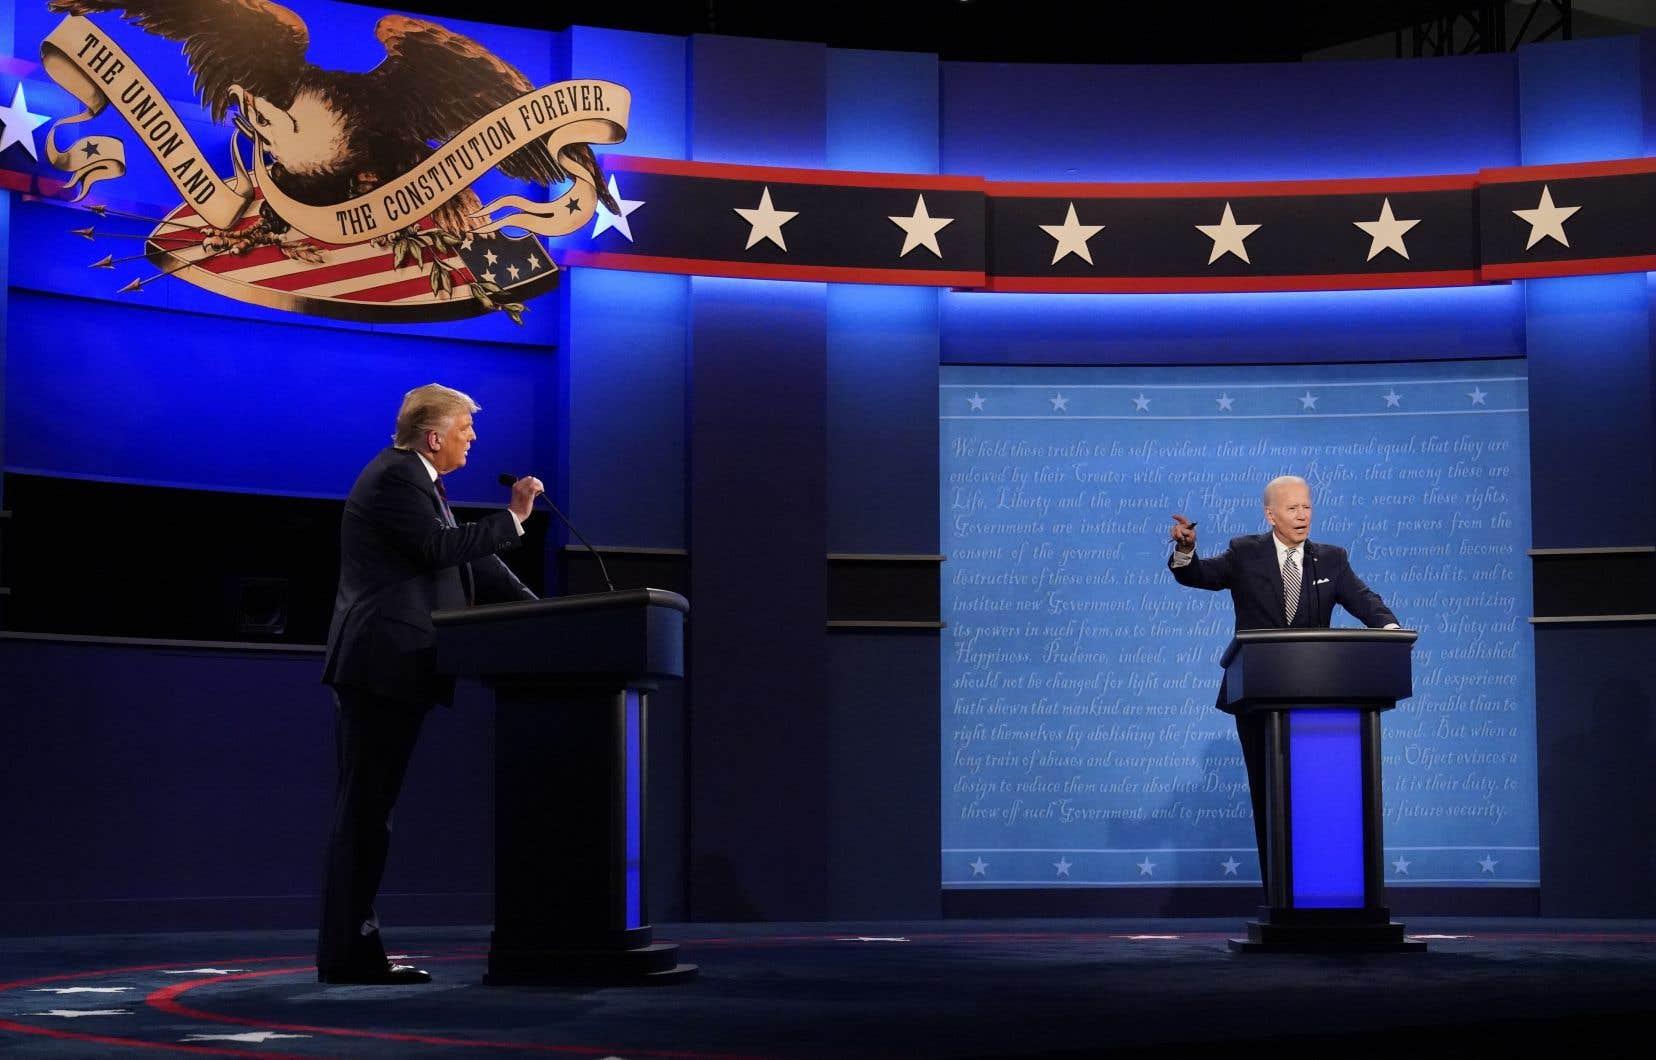 À 35 jours du vote, les deux candidats à la présidence américaine, Donald Trump et Joe Biden, ont croisé le fer dans un débat acrimonieux et tendu.